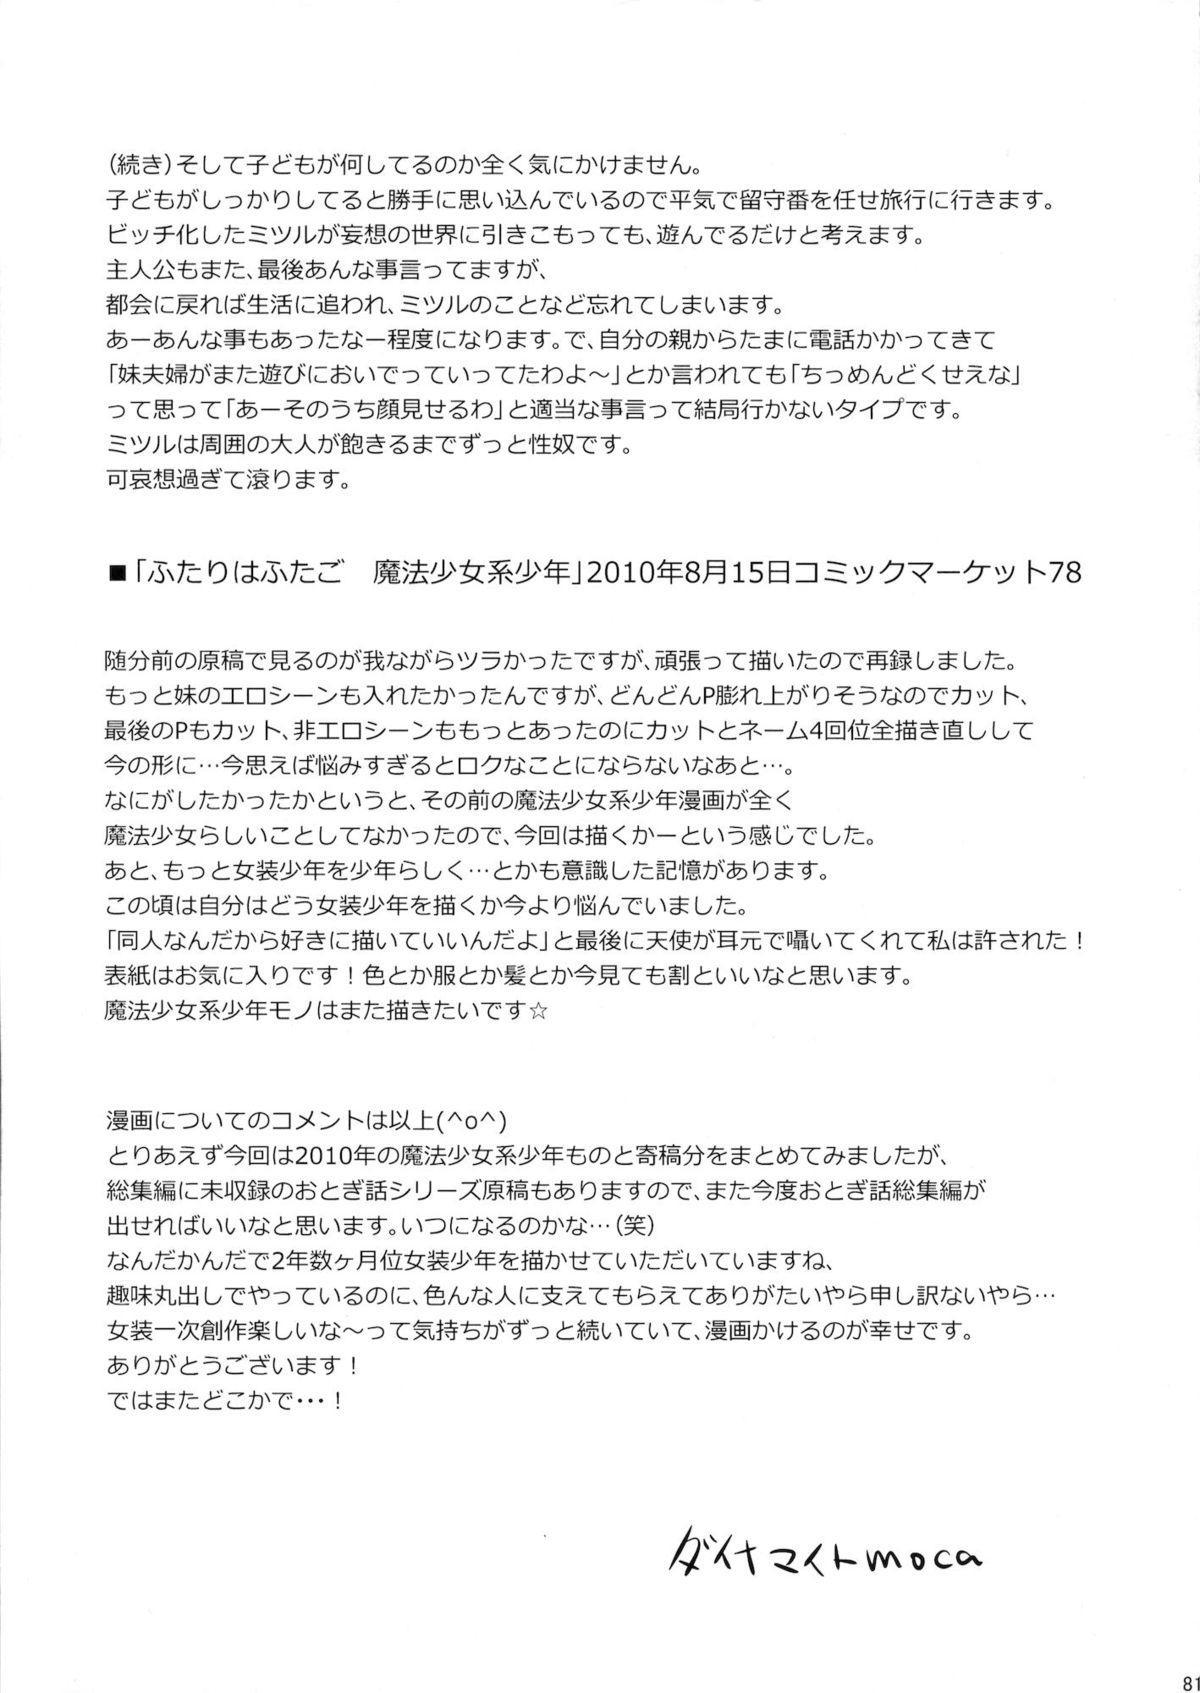 Mahou Shoujo-kei Shounen Soushuuhen + Papa wa Josou Shita Boku ga Suki Mitai 79